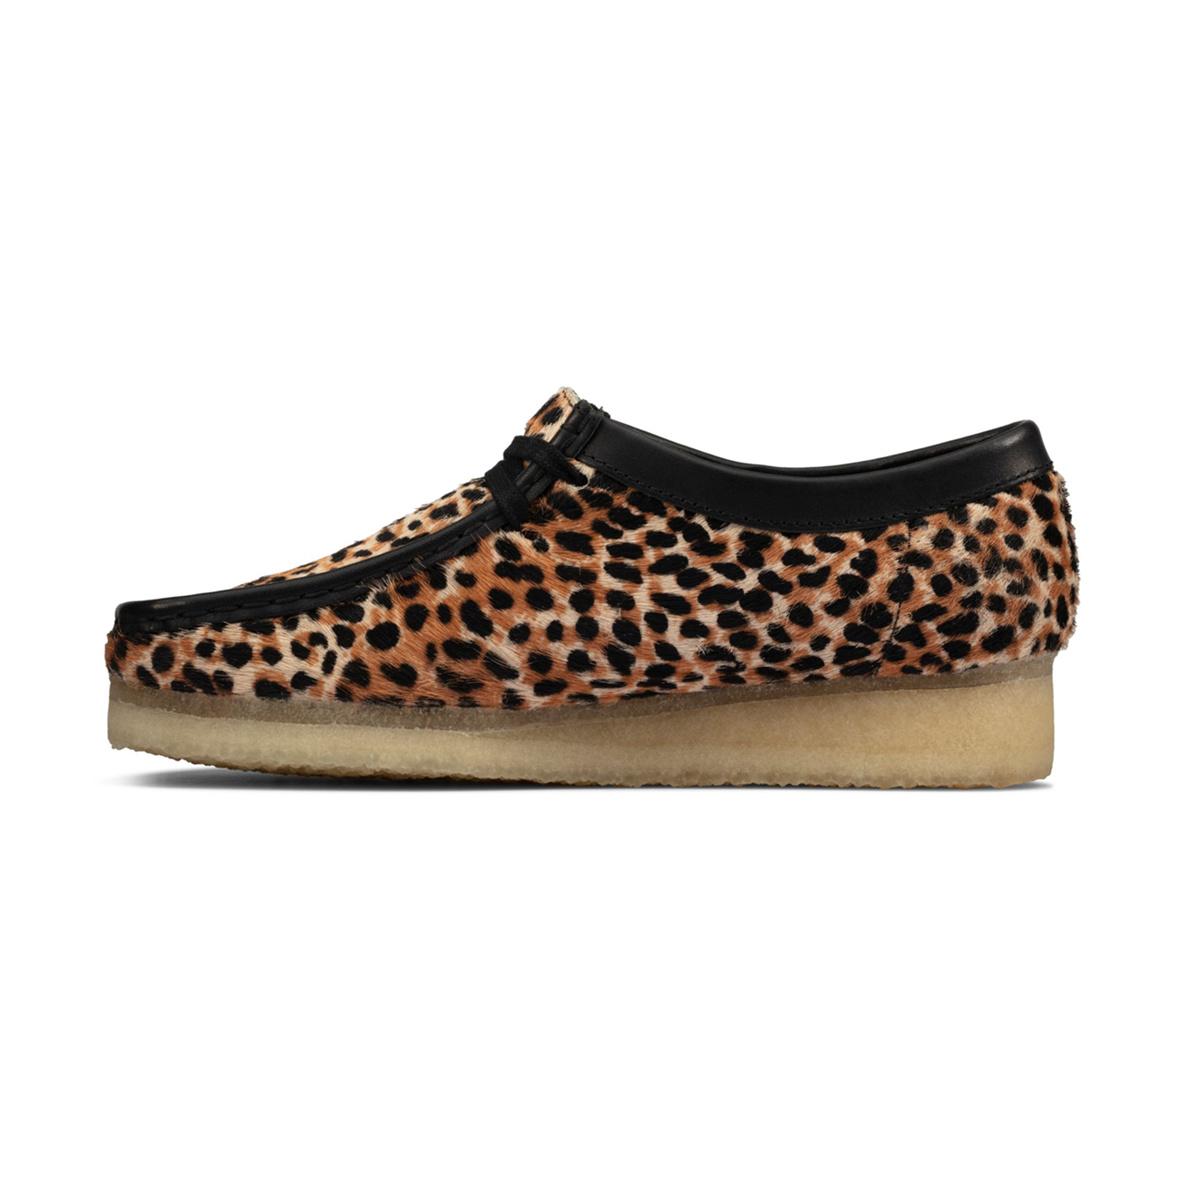 Clarks Wallabee L (Leopard Print) 26160033